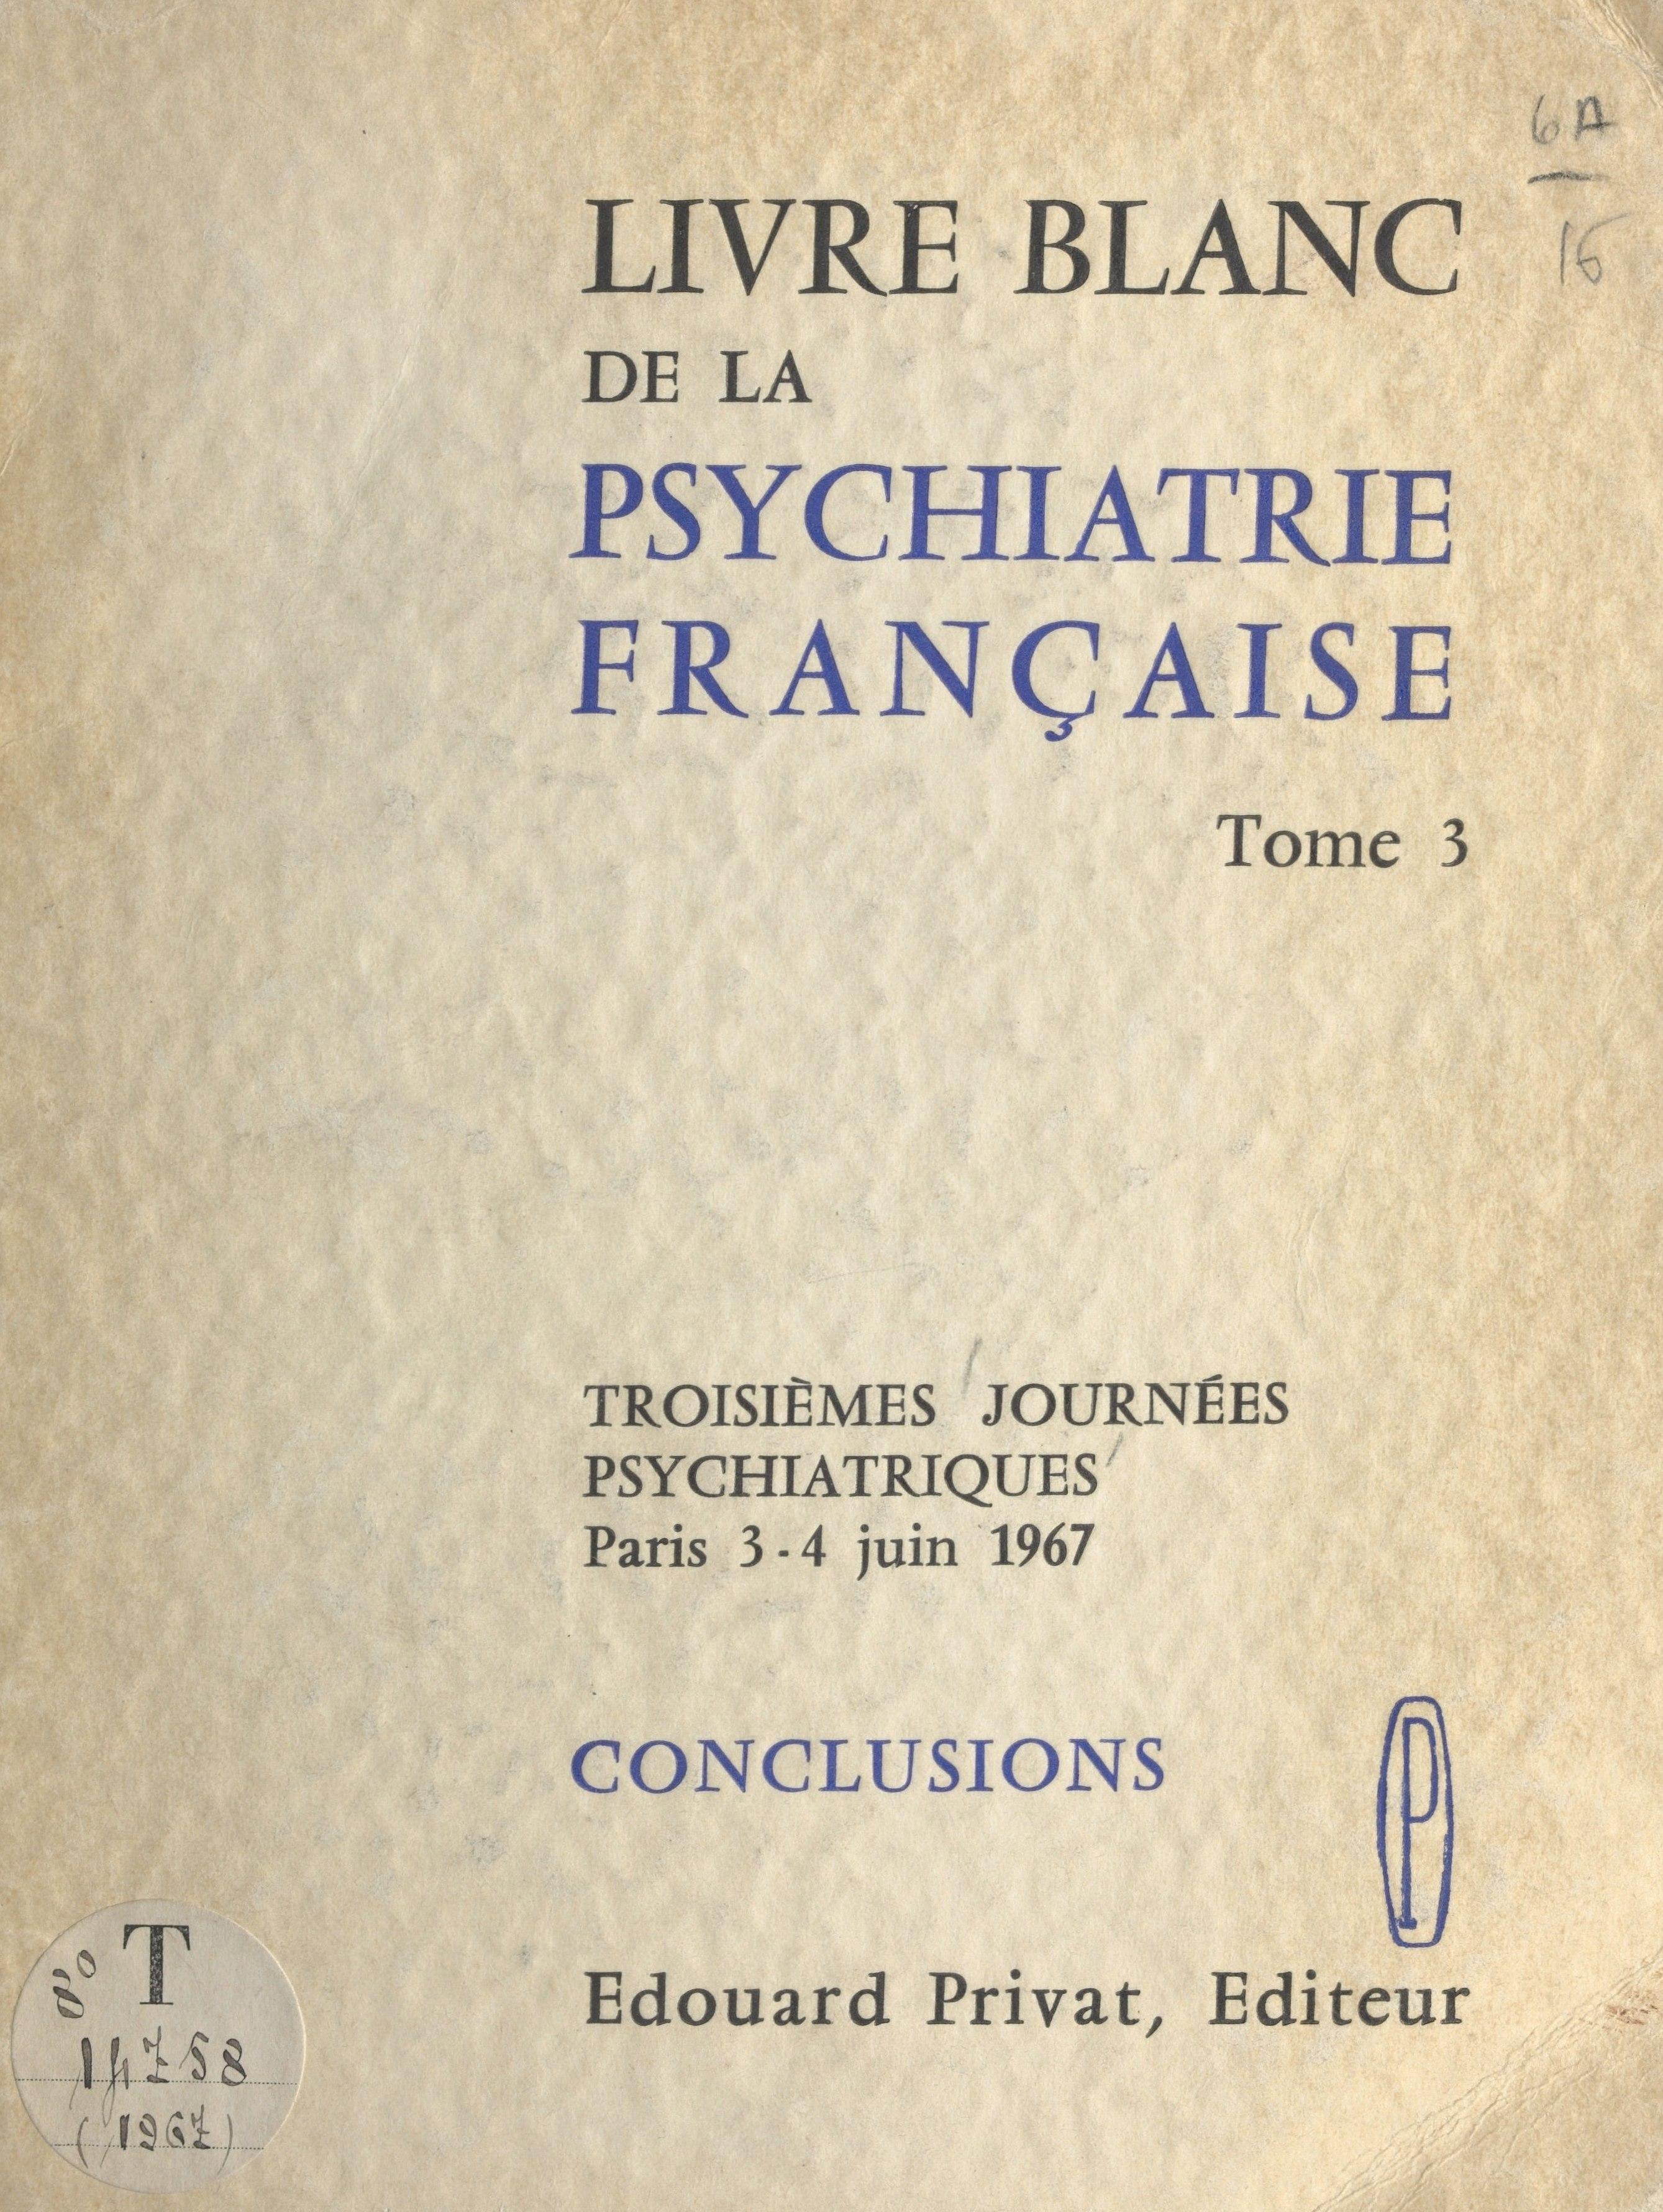 Livre blanc de la psychiatrie française (3)